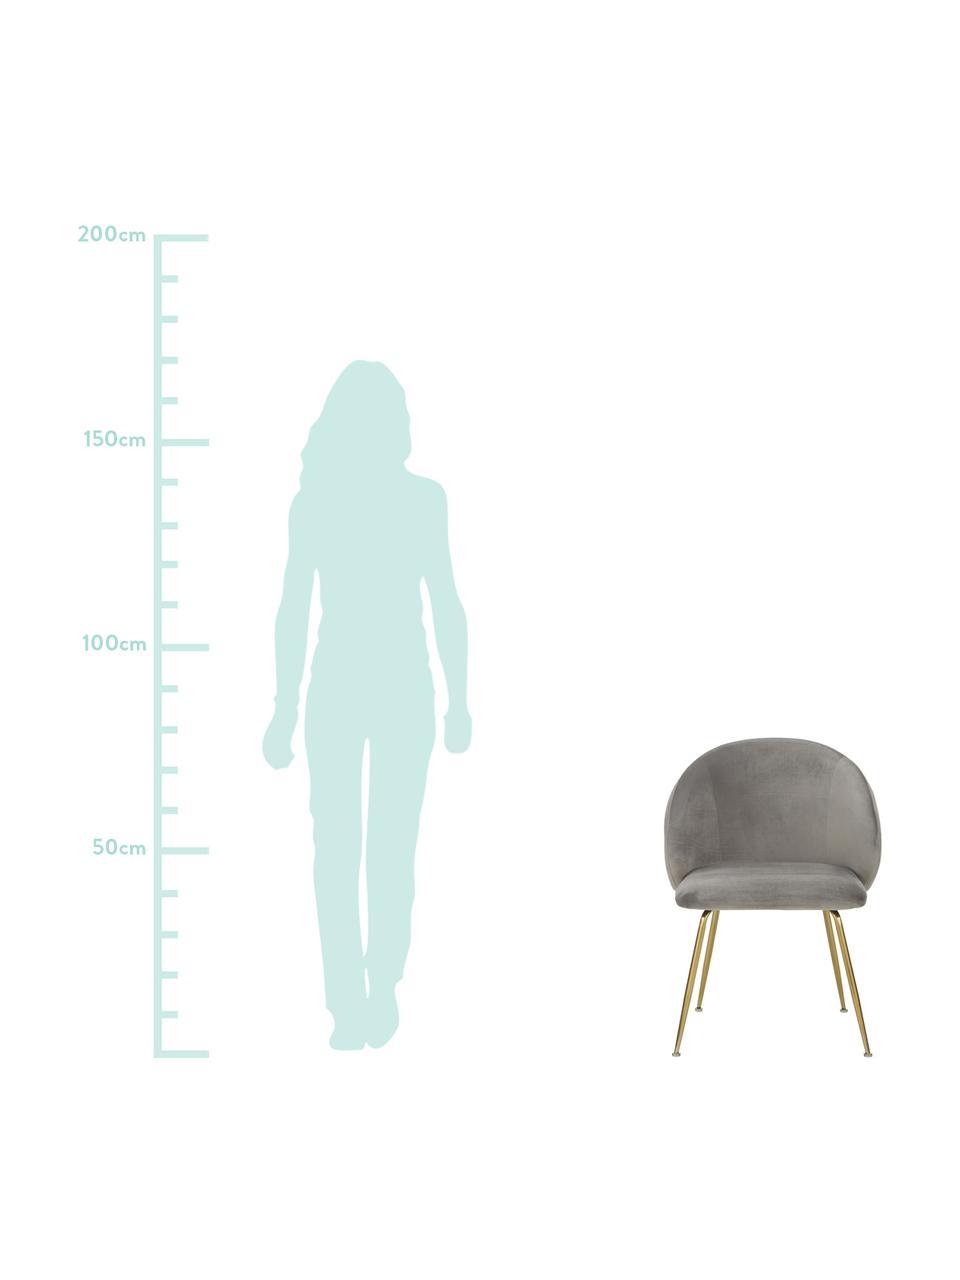 Samt-Polsterstühle Luisa, 2 Stück, Beine: Metall, lackiert, Samt Hellgrau, Gold, B 59 x T 58 cm